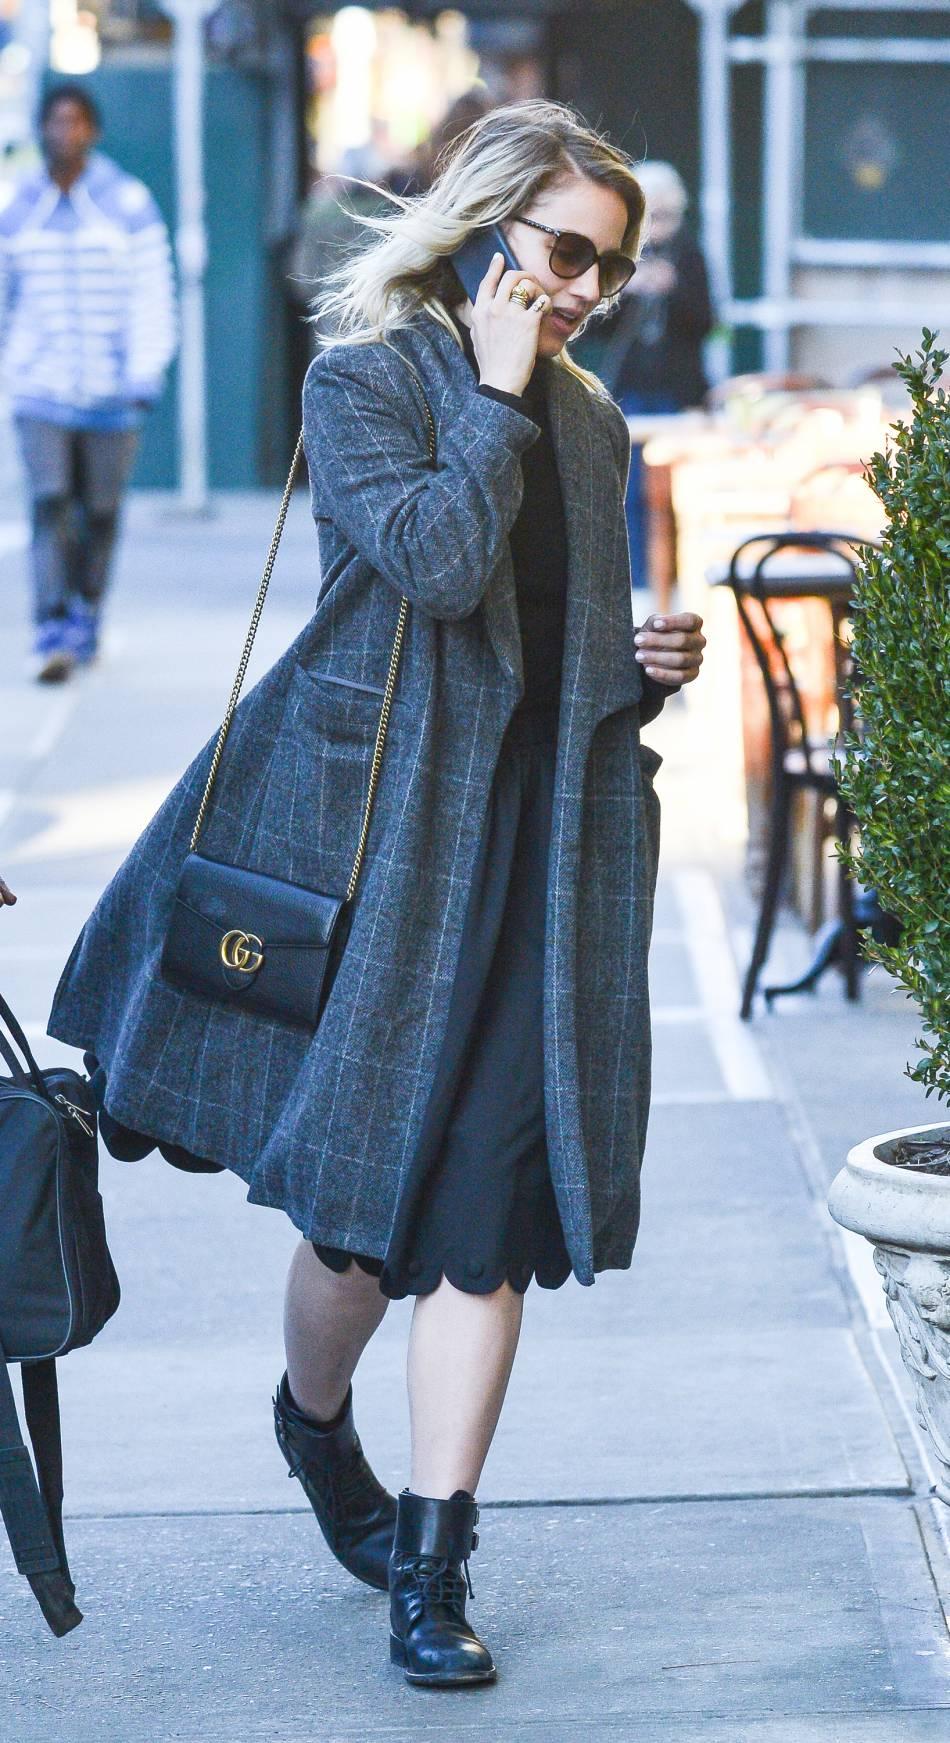 Dianna Agron accessoirise sa tenue d'un petit sac Gucci.